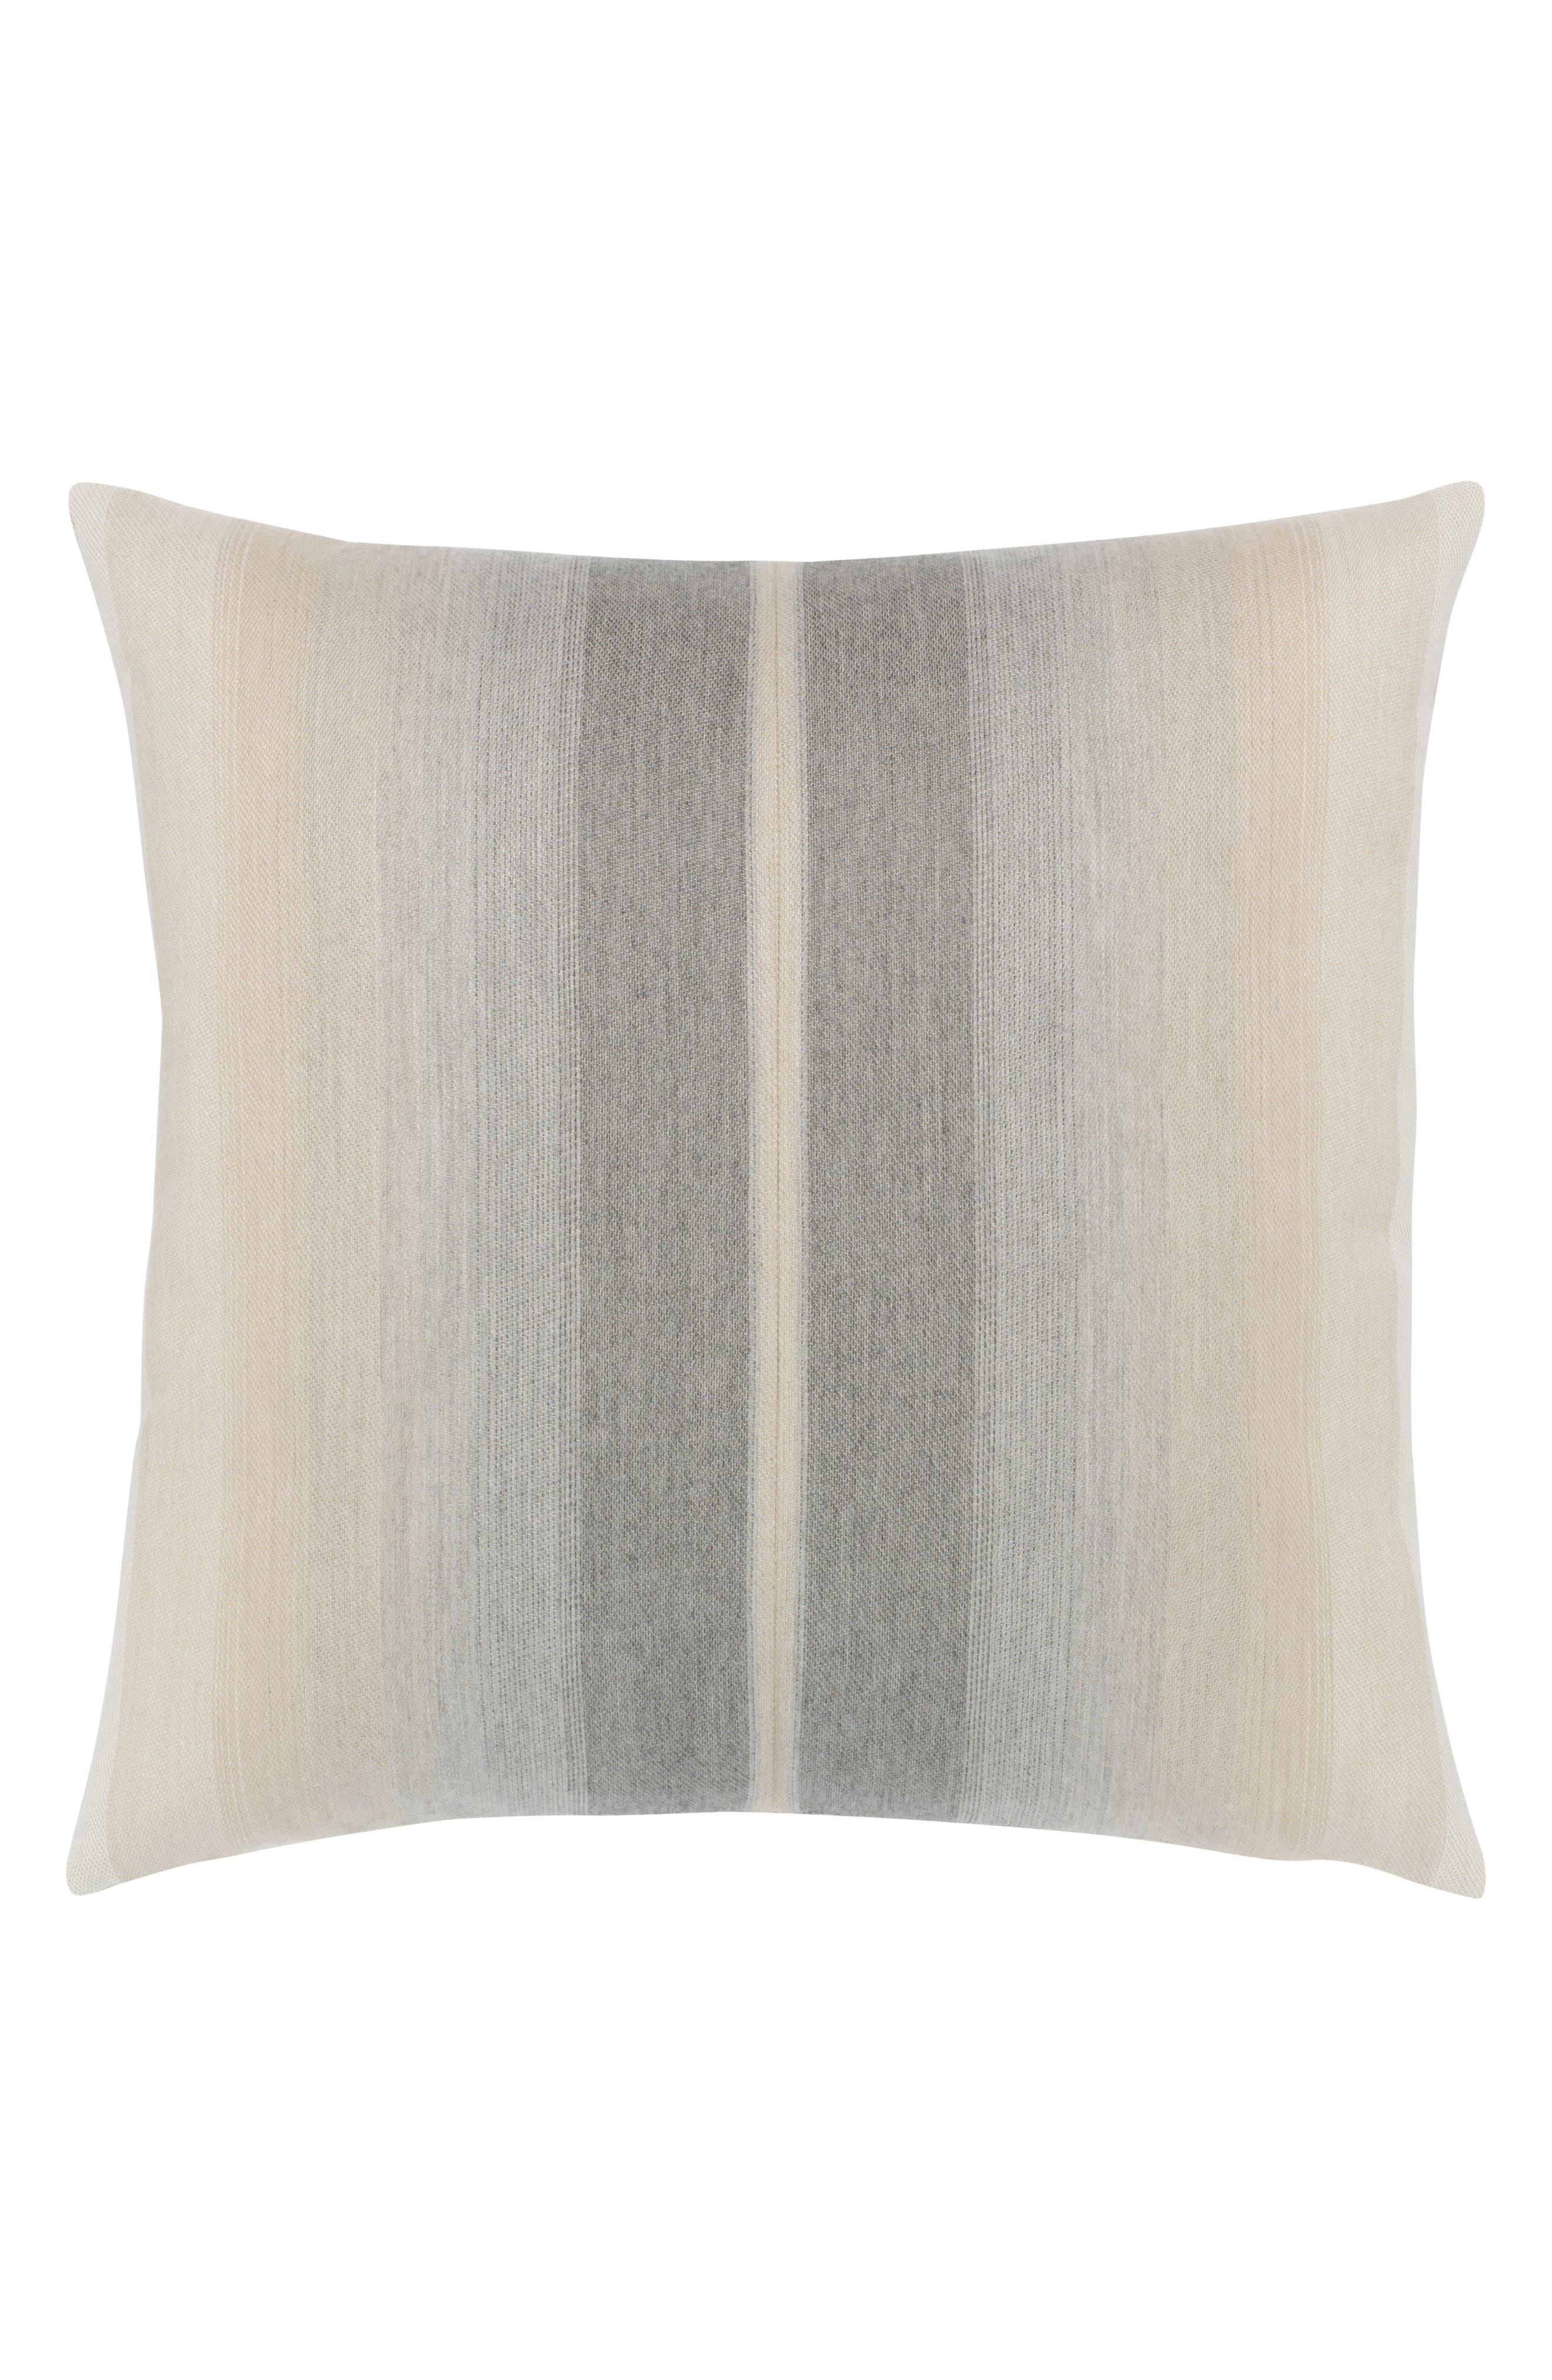 Ombré Grigio Indoor/Outdoor Accent Pillow,                         Main,                         color, Grey